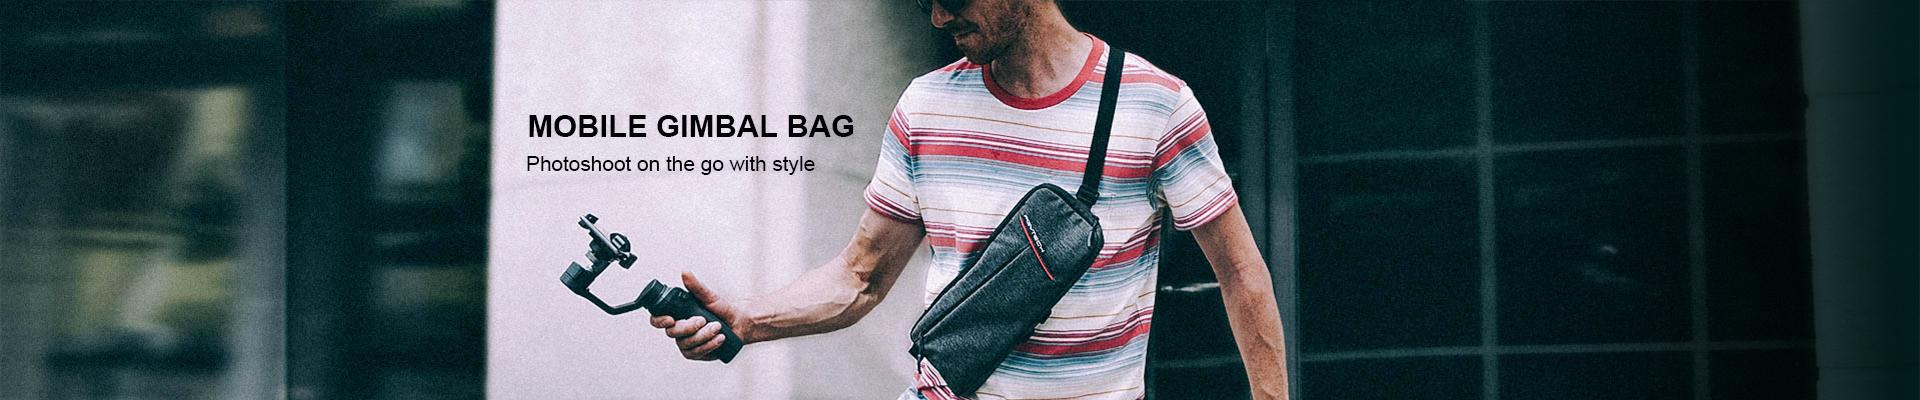 Mobile-Gimbal-Bag-banner